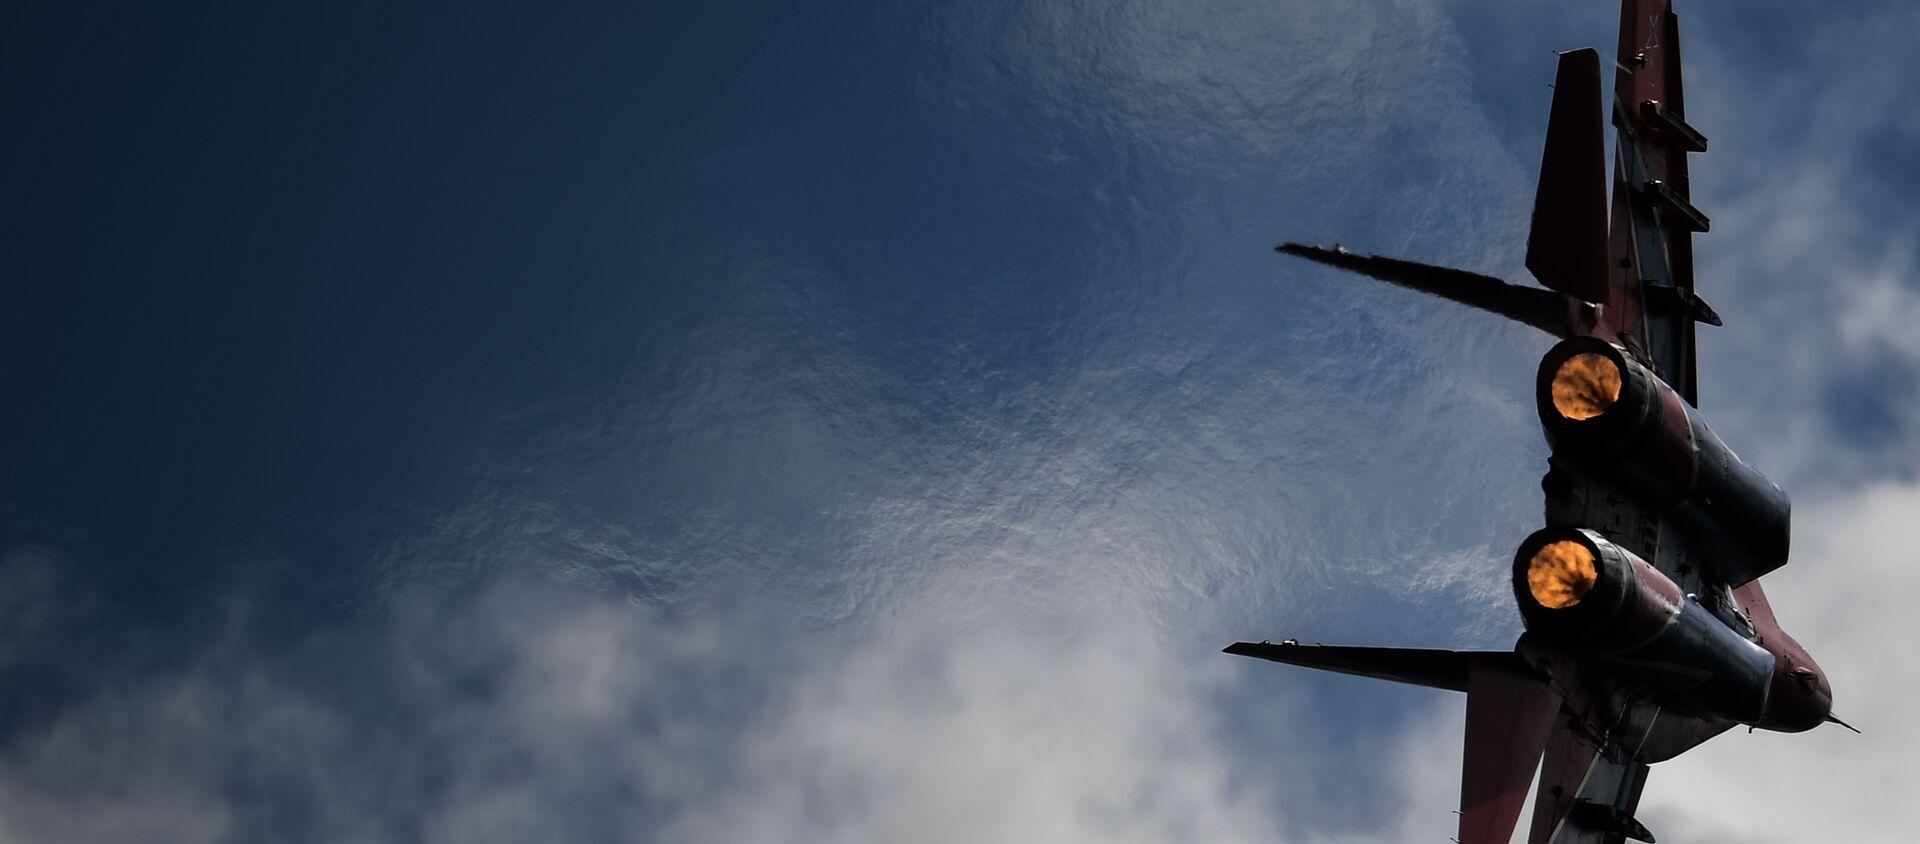 Myśliwiec MiG-29 podczas lotu demonstracyjnego w ramach forum Armia 2020 - Sputnik Polska, 1920, 28.09.2020